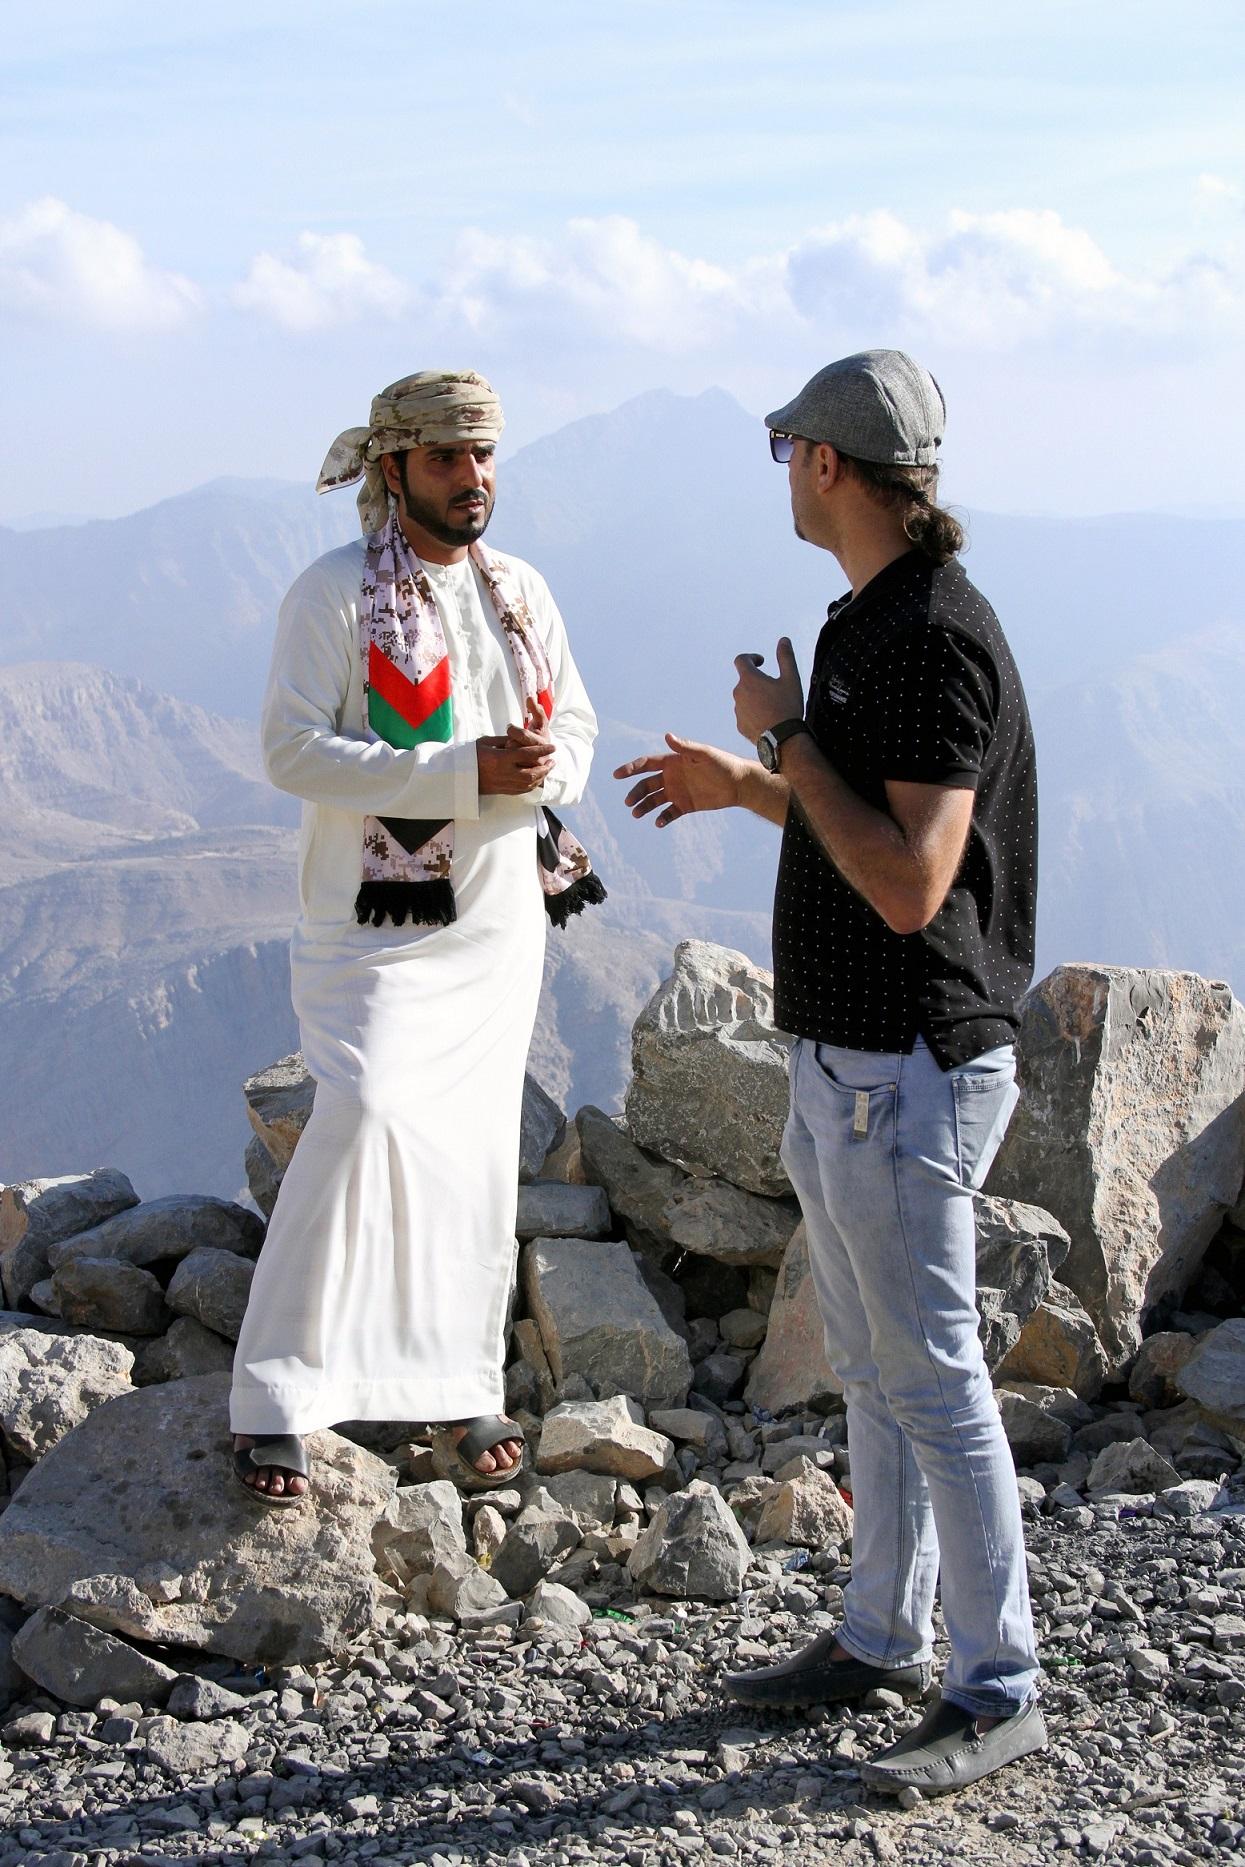 صورة الفنان الاماراتي عبد الله الكيبالي يعود الى الغناء بأغنية وطنية اماراتية